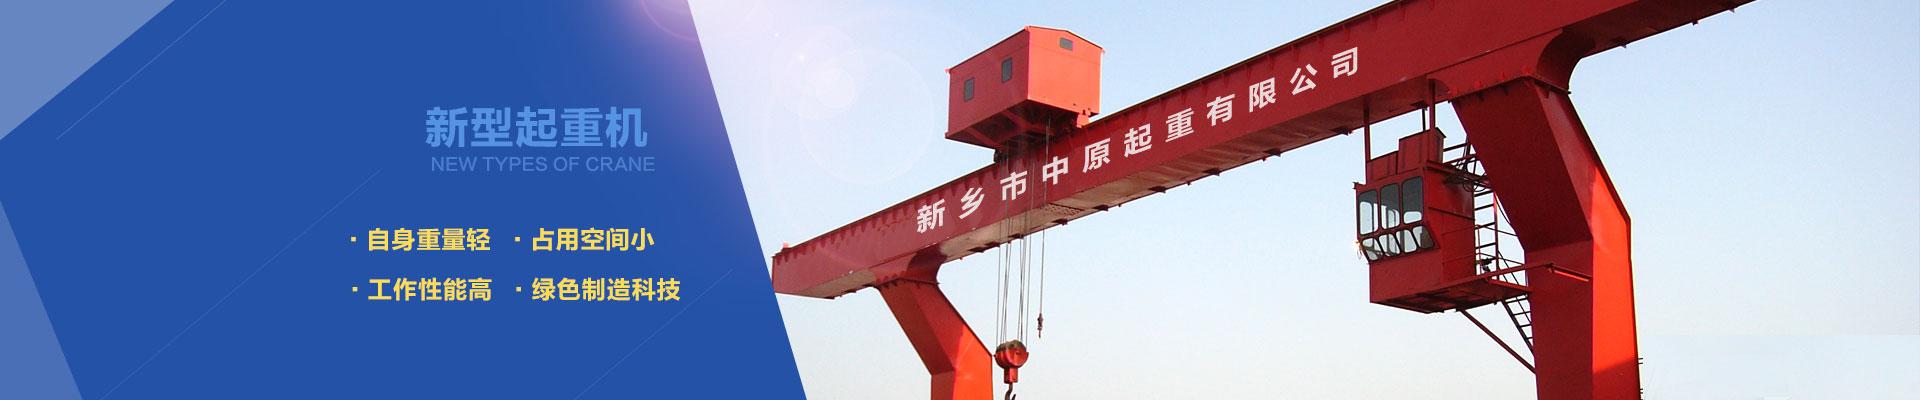 新乡市中原起重机设备总厂有限公司